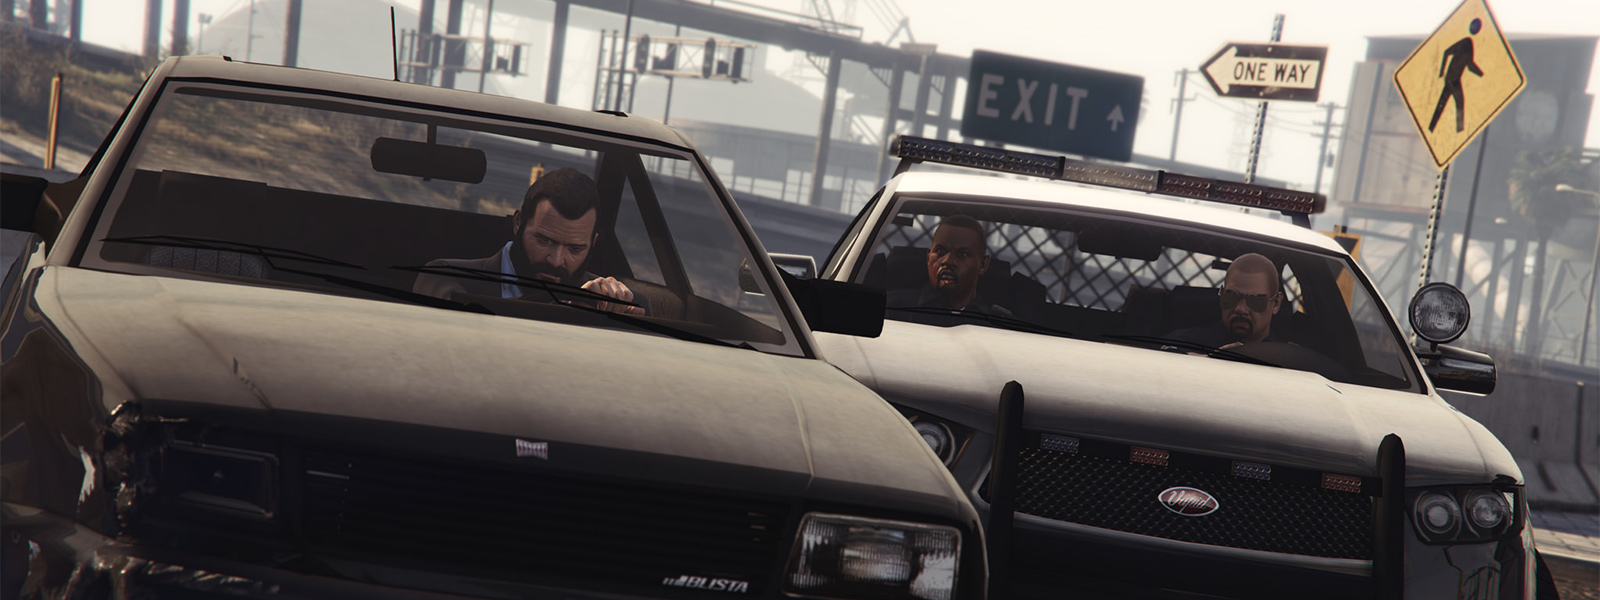 GTA V выглядит по-королевски в 6K и SweetFX - Shazoo